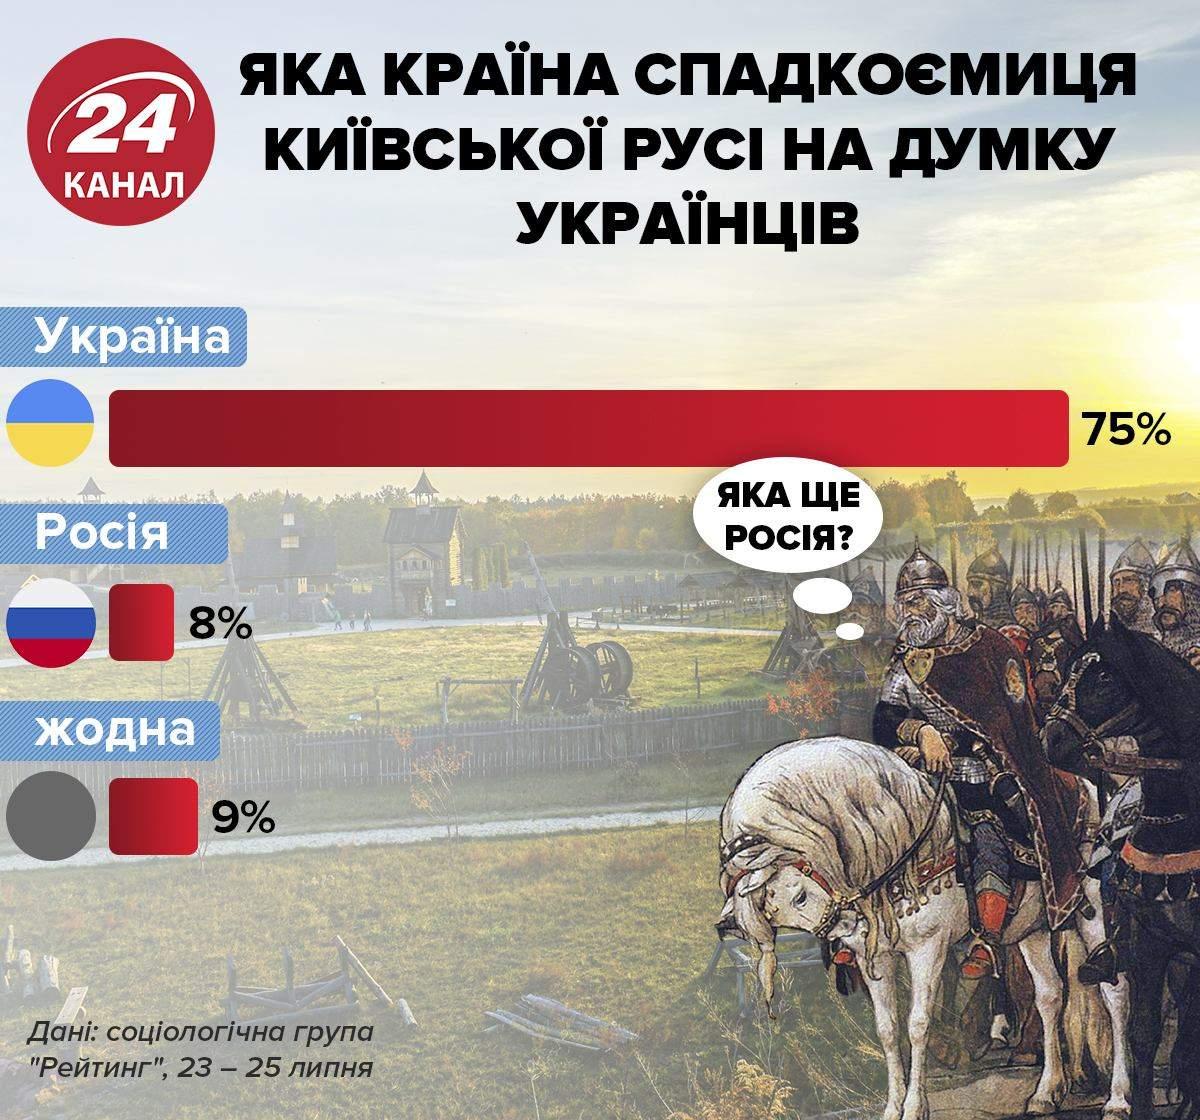 Опитування, яка держава спадкоємиця Київської Русі Інфографіка